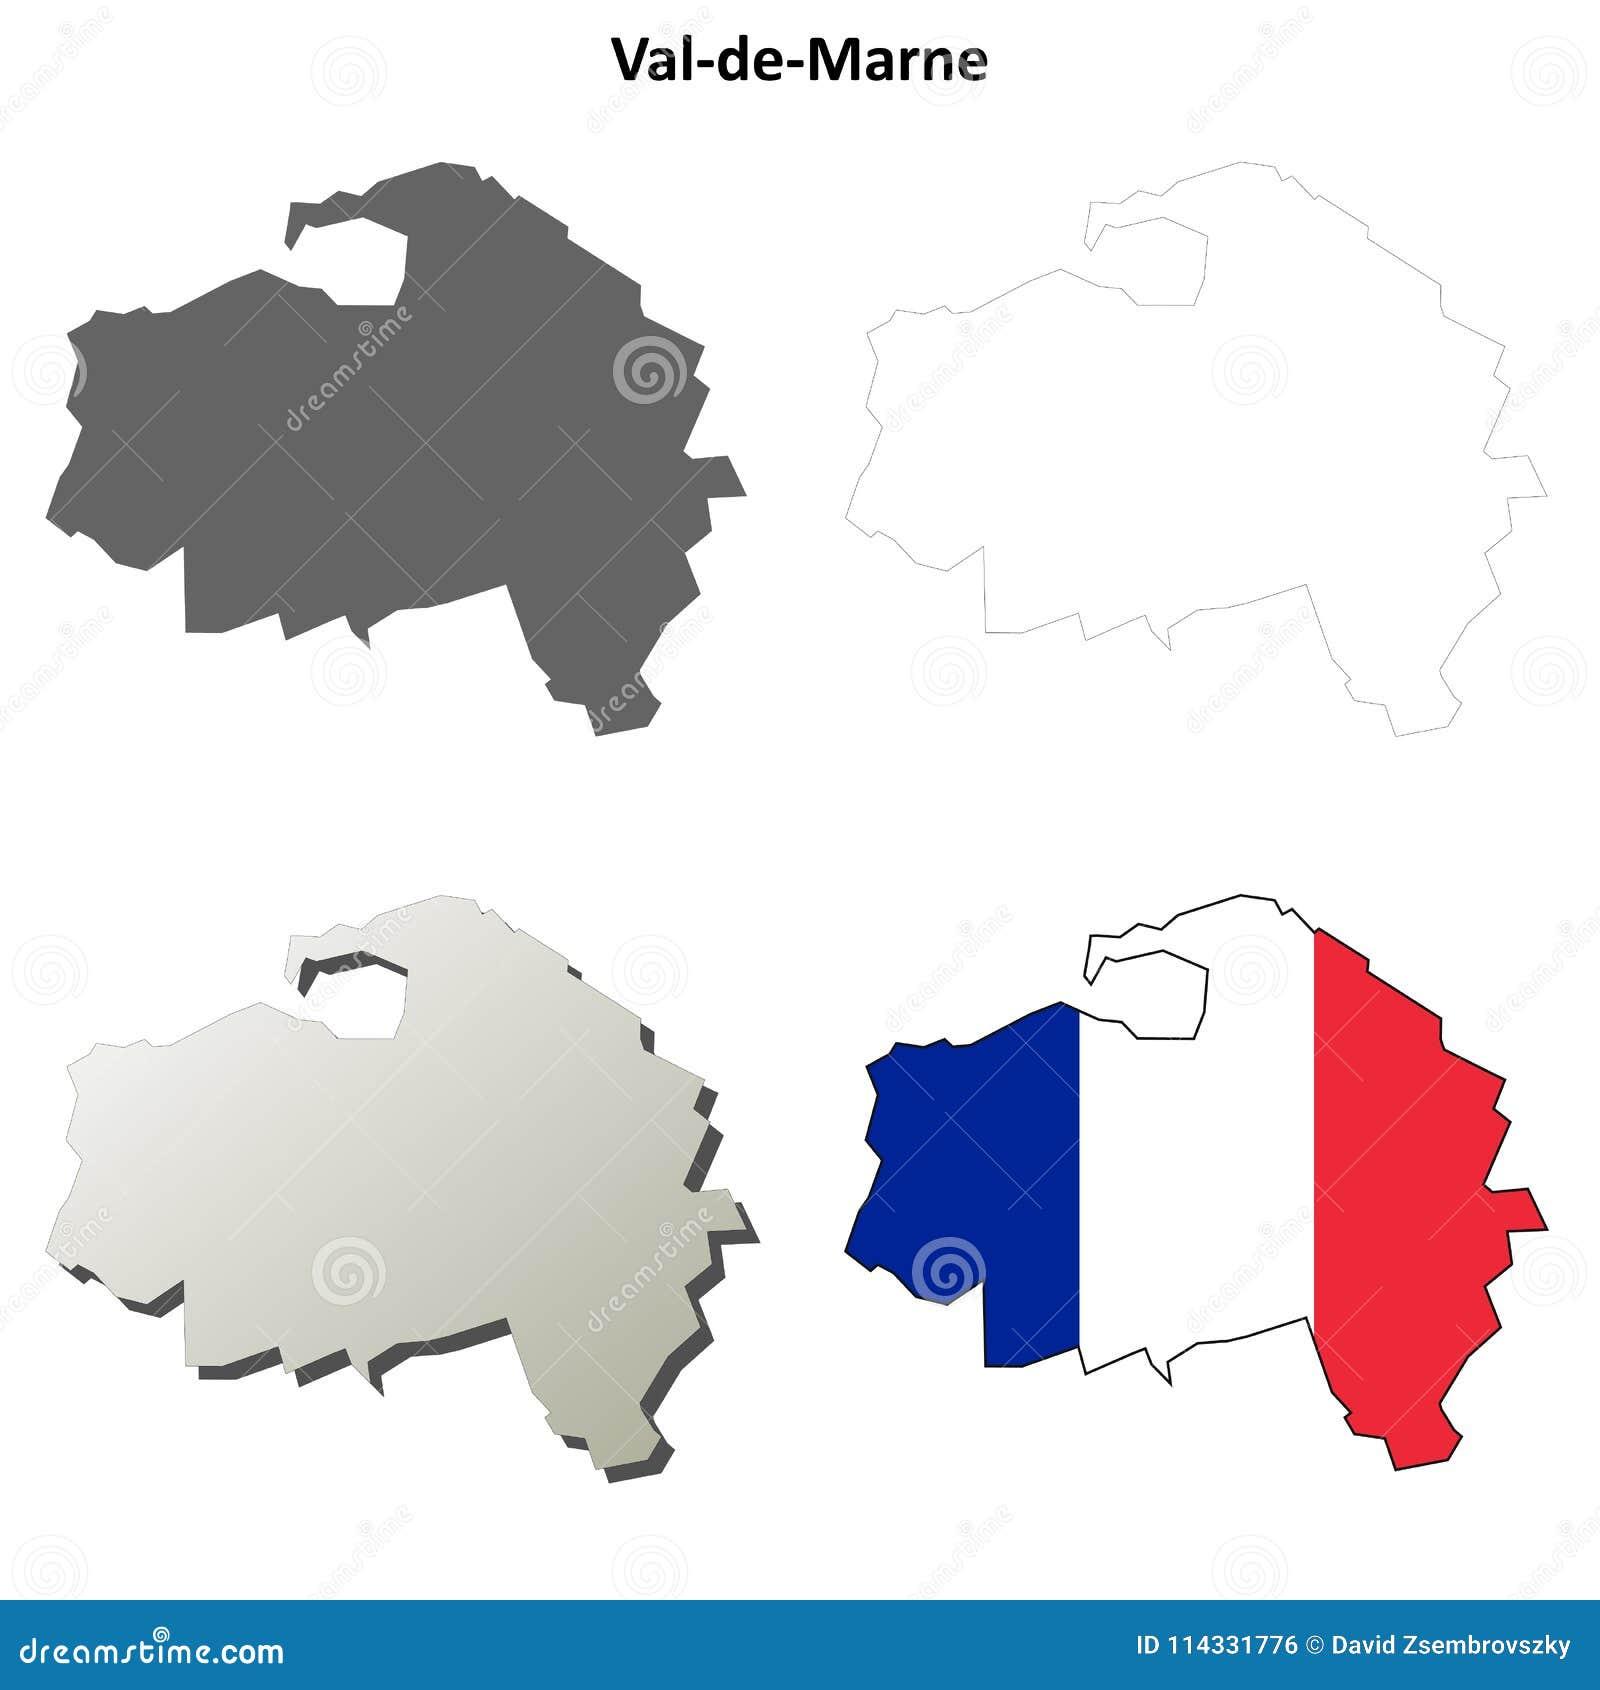 Map Of France Outline Only.Val De Marne Ile De France Outline Map Set Stock Vector